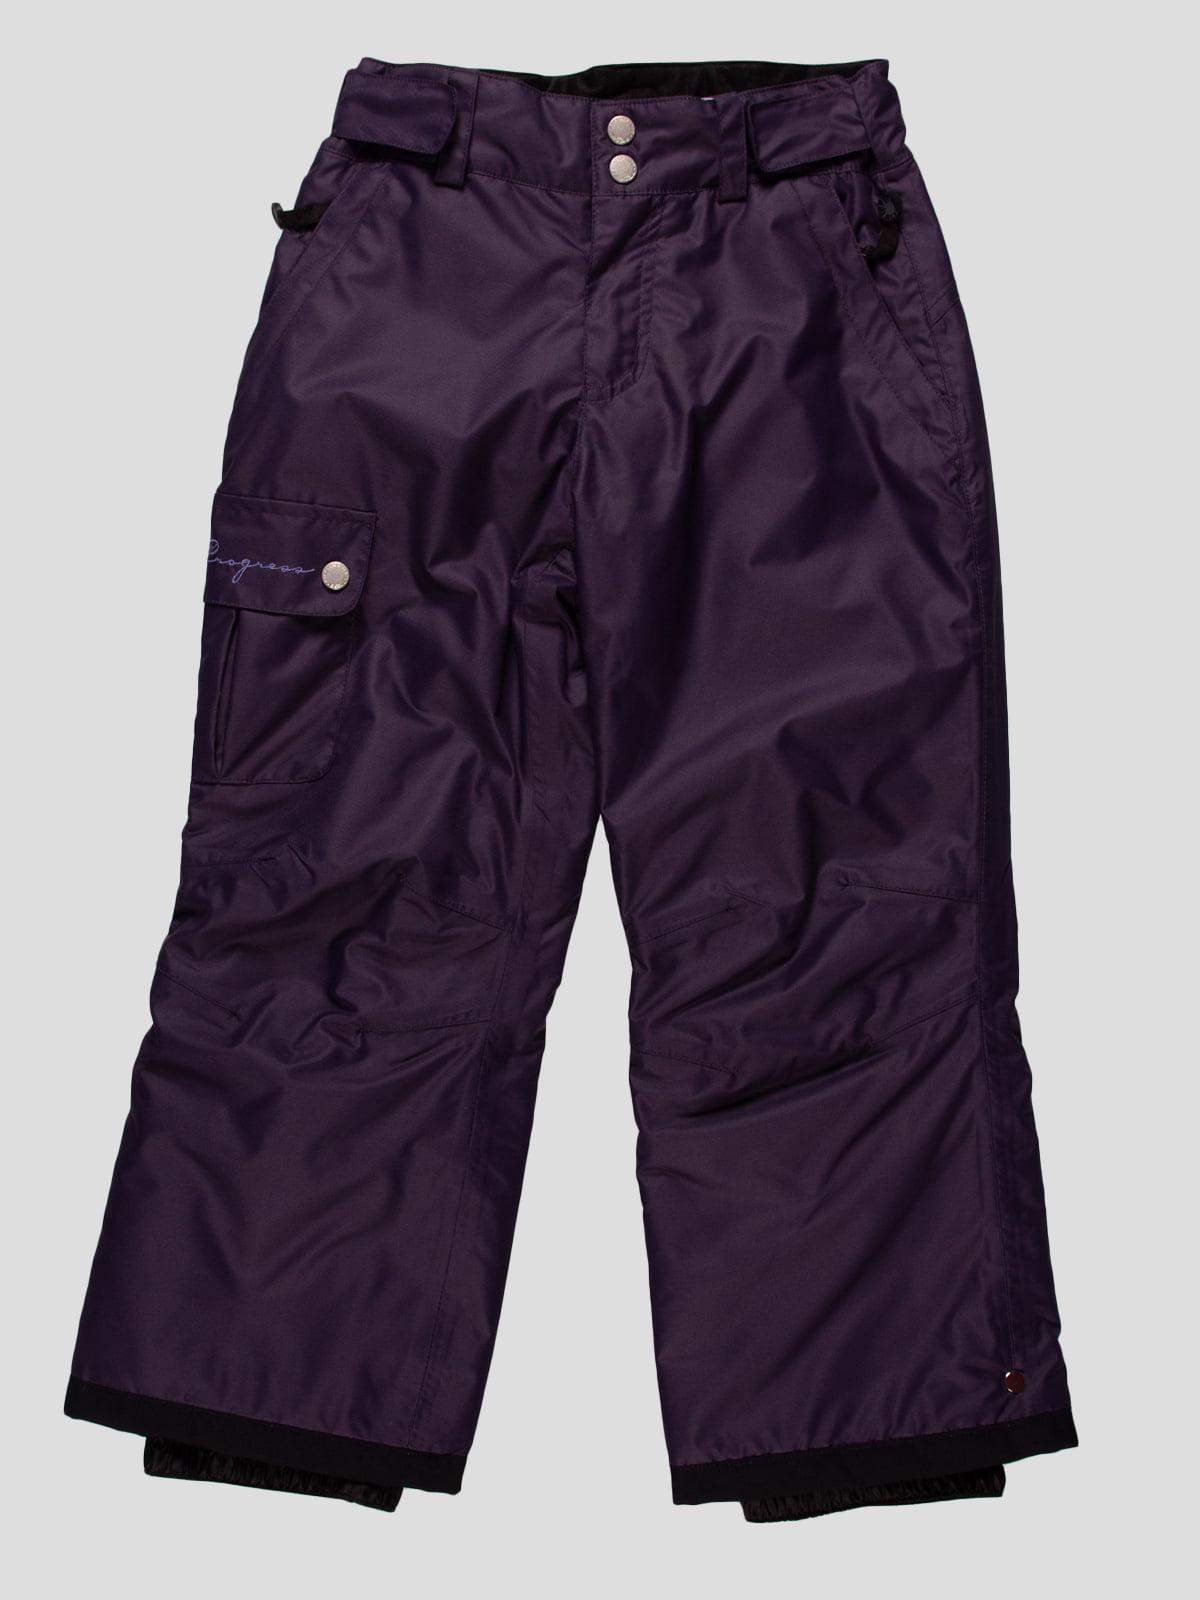 Брюки темно-фиолетовые | 164887